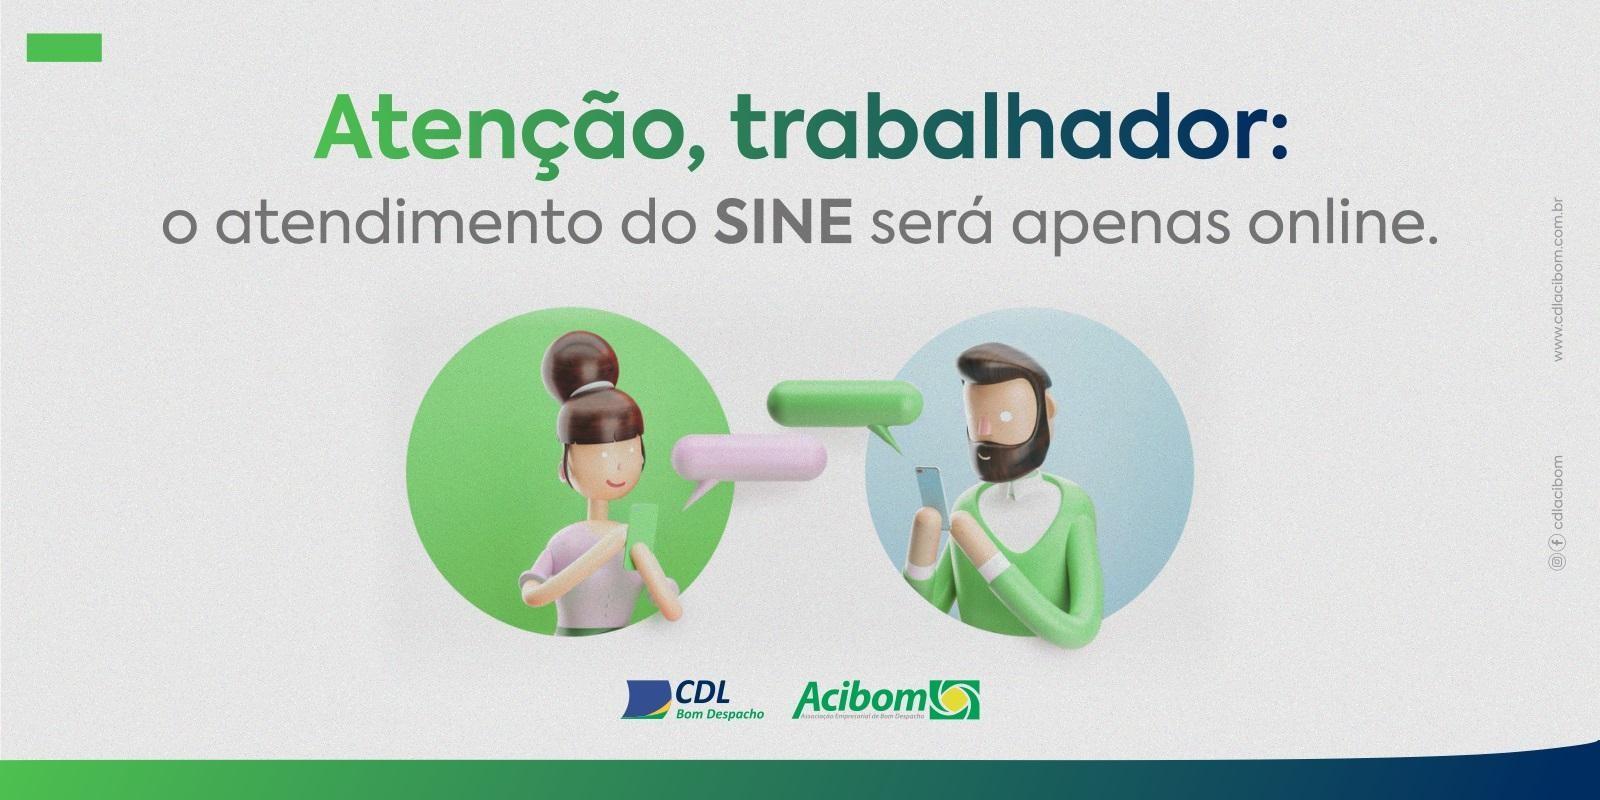 Atenção, trabalhador: o atendimento do SINE será apenas online